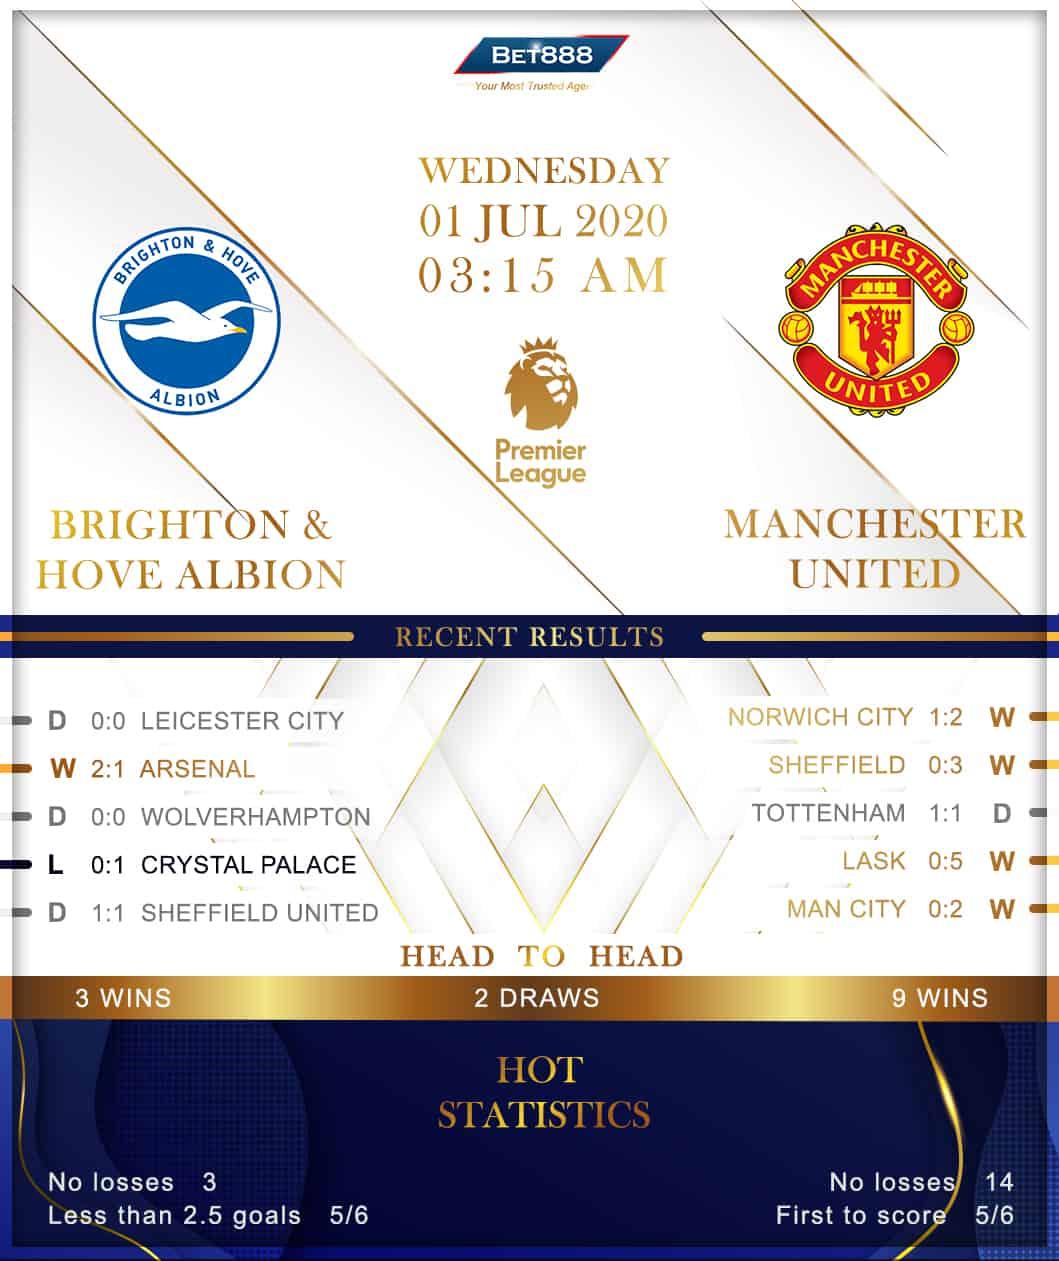 Brighton & Hove Albion vs Manchester United 01/07/20